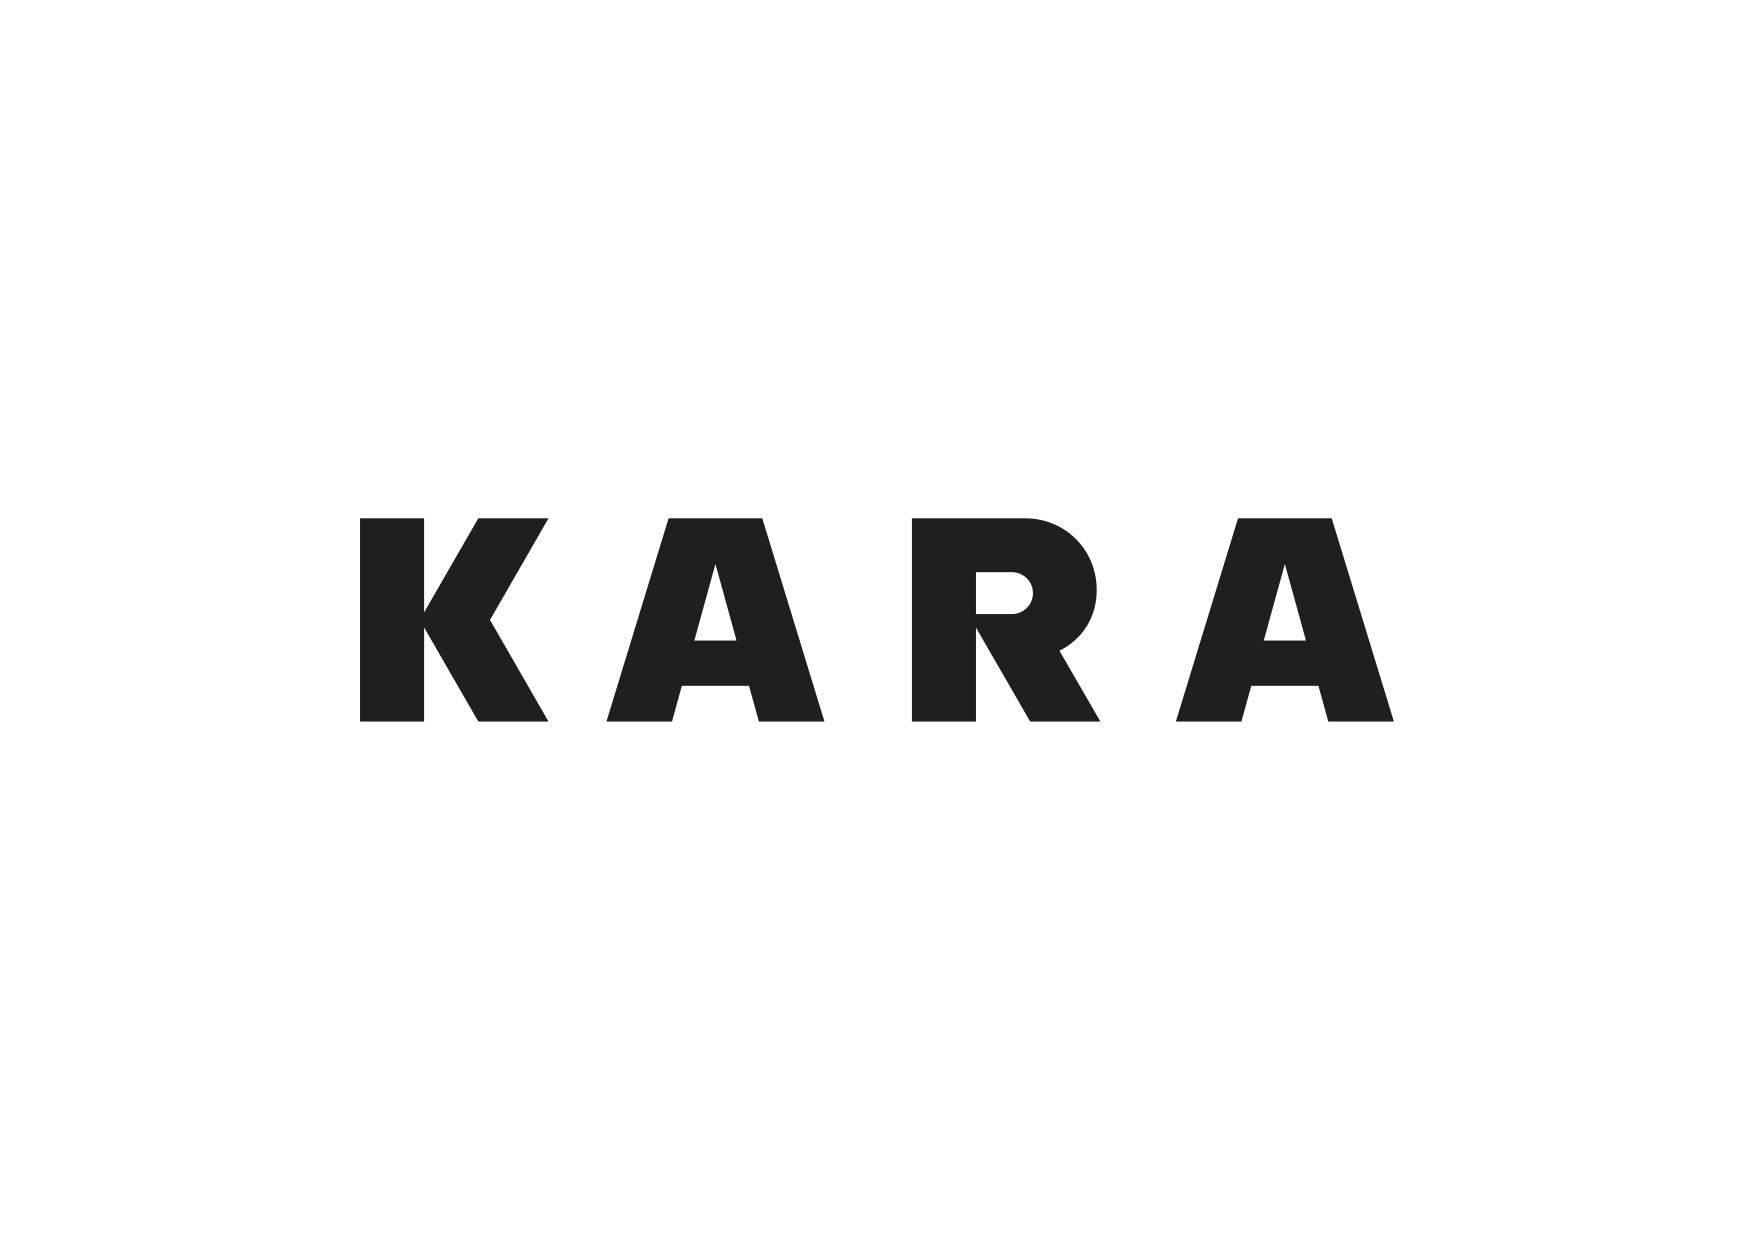 Nové logo značky Kara od Studia Najbrt